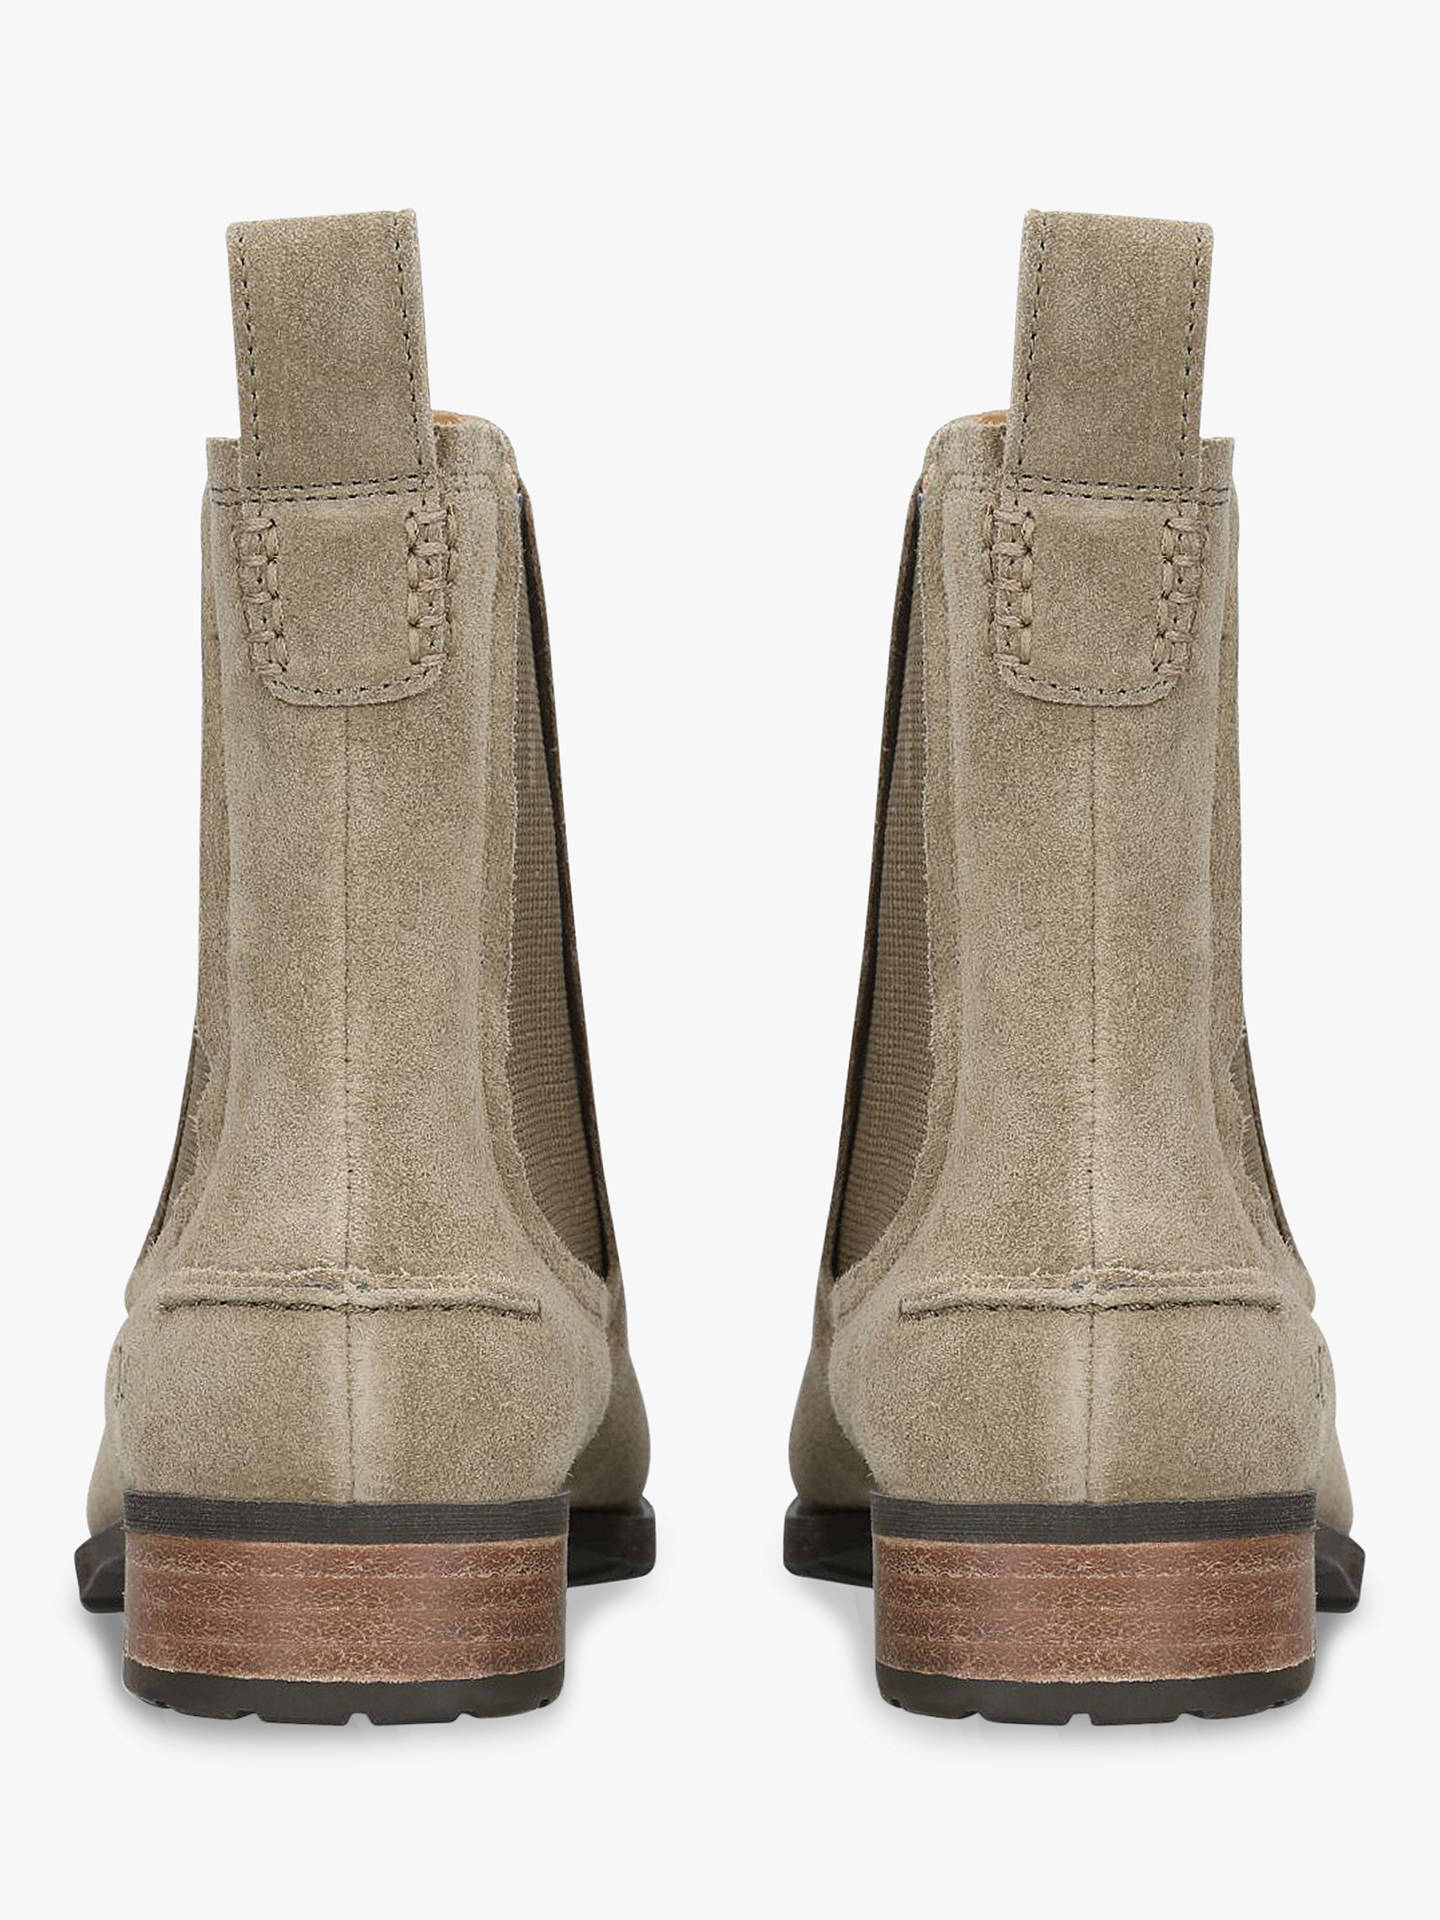 5de16d9bb ... Buy UGG Hillhurst Ankle Boots, Mid Brown Suede, 5 Online at  johnlewis.com ...